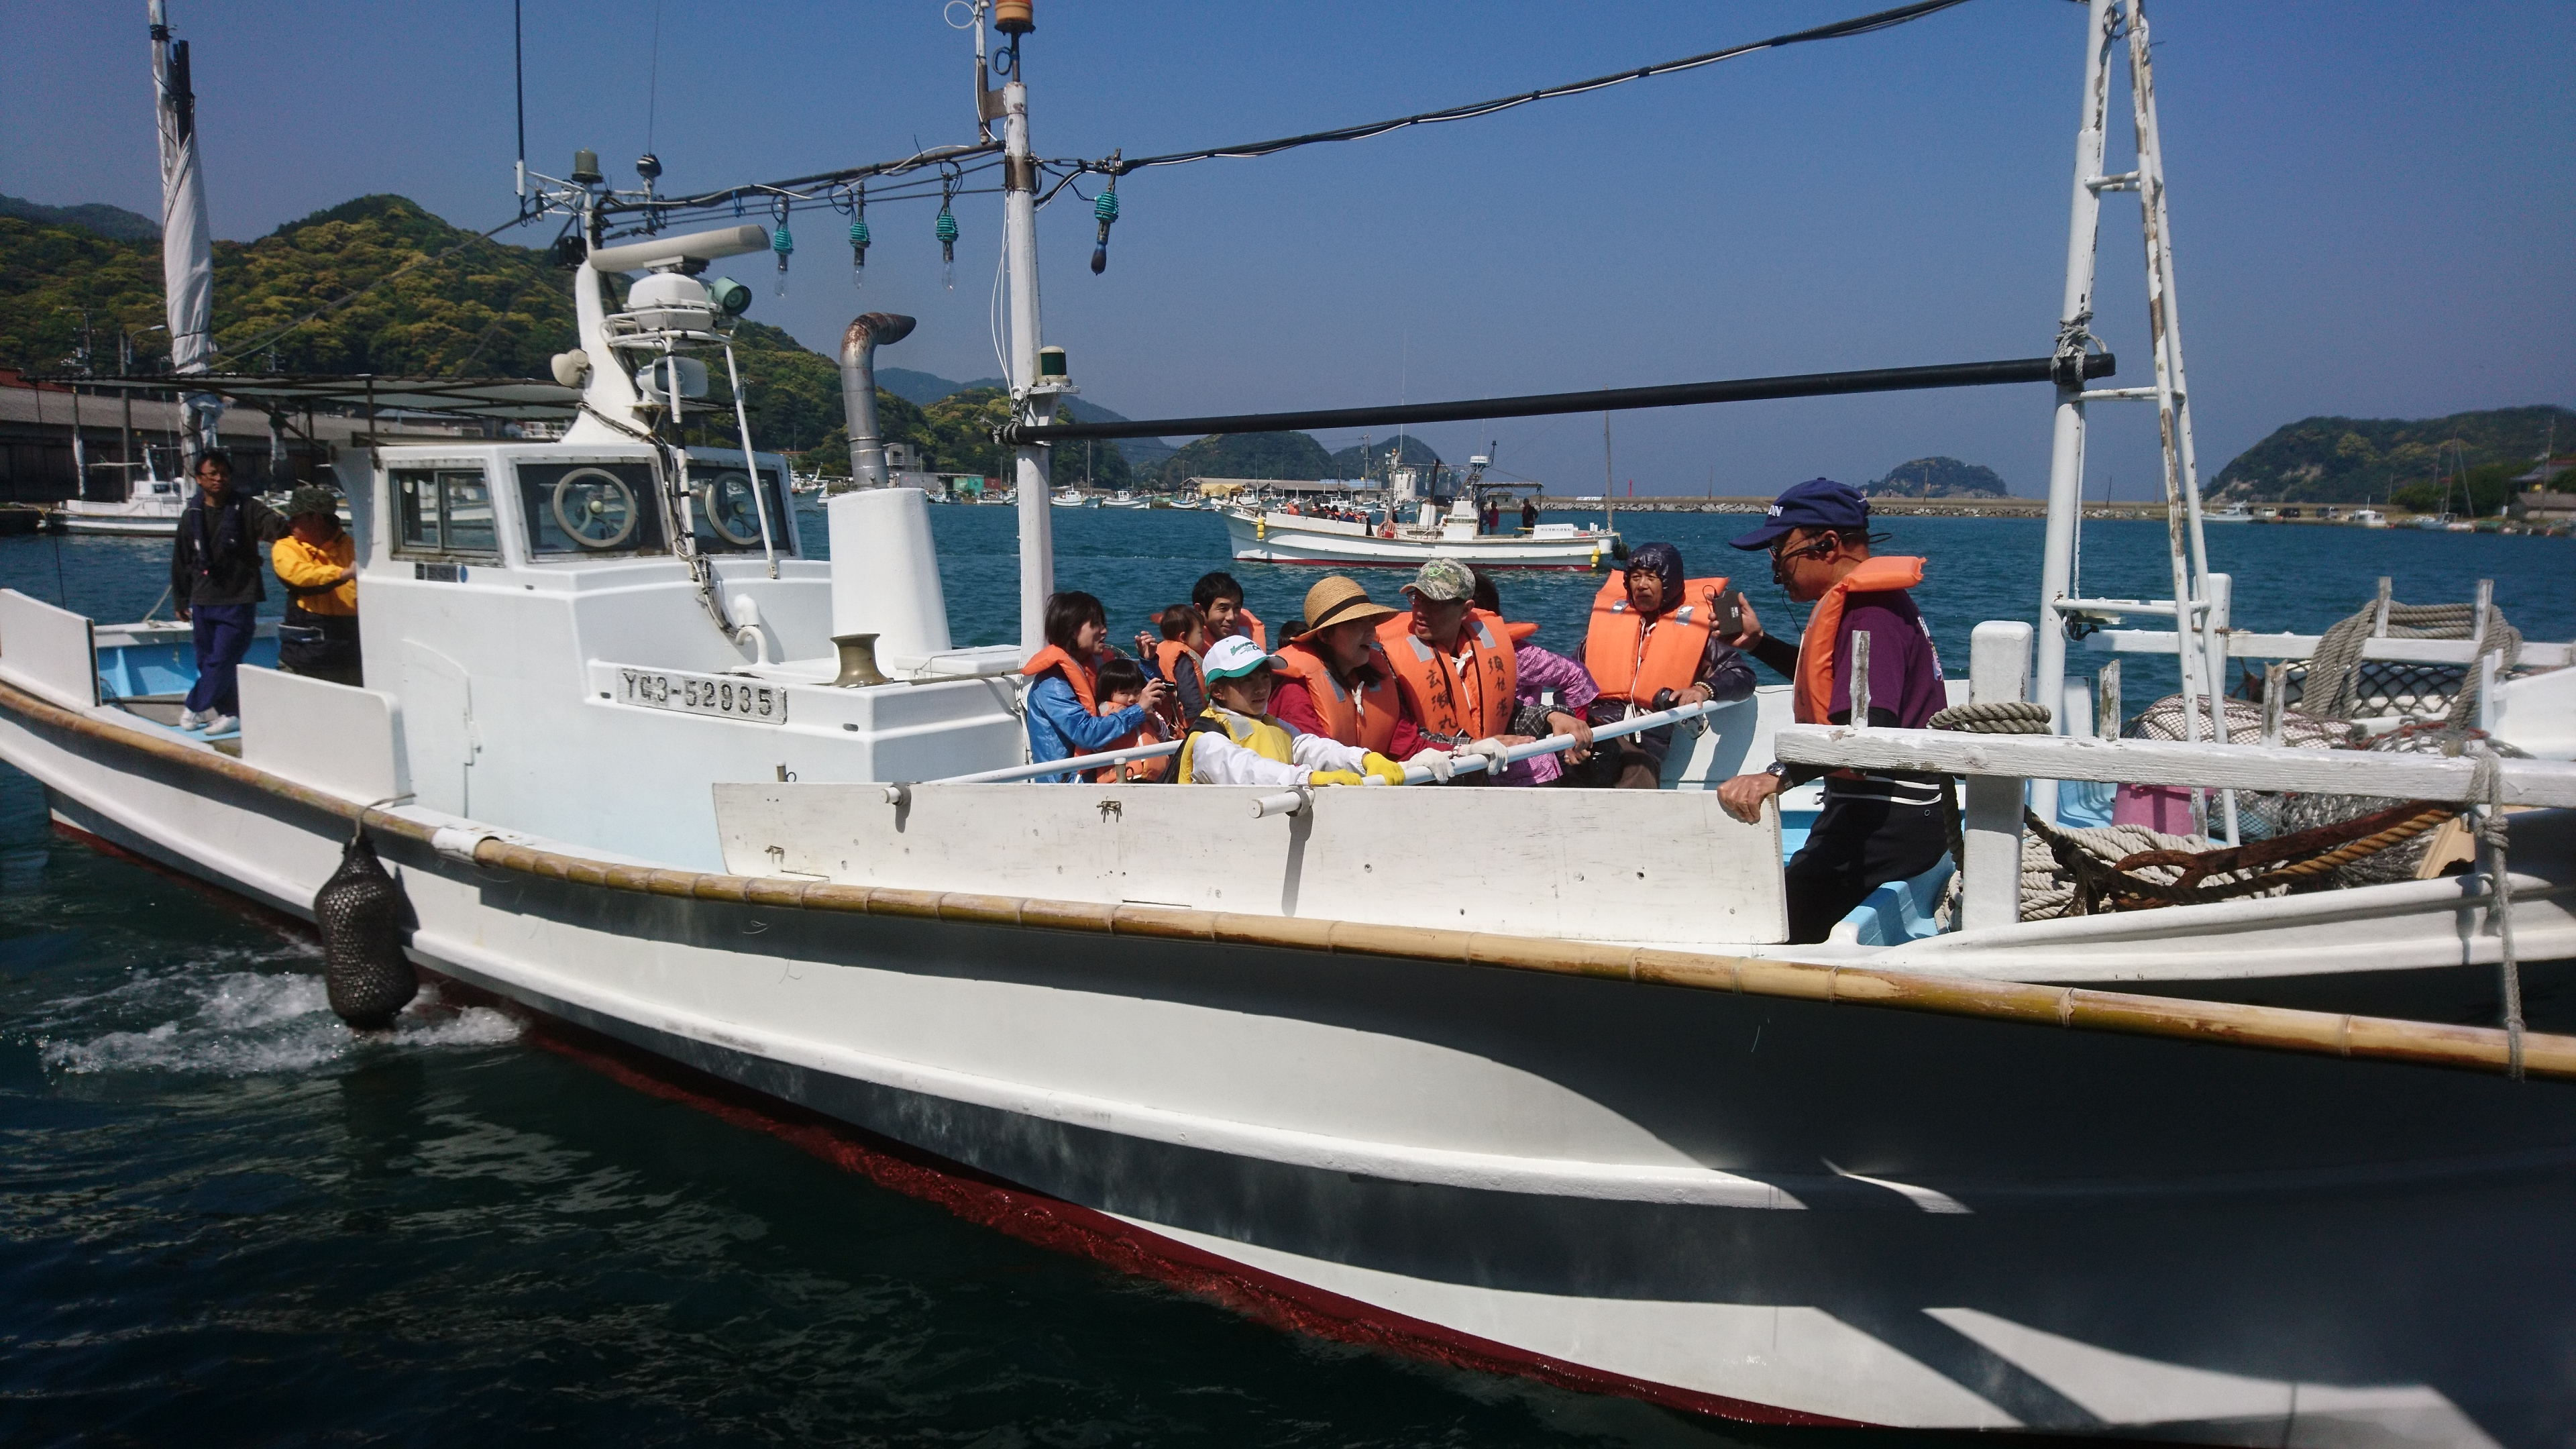 須佐湾遊覧船、好評運航中です。